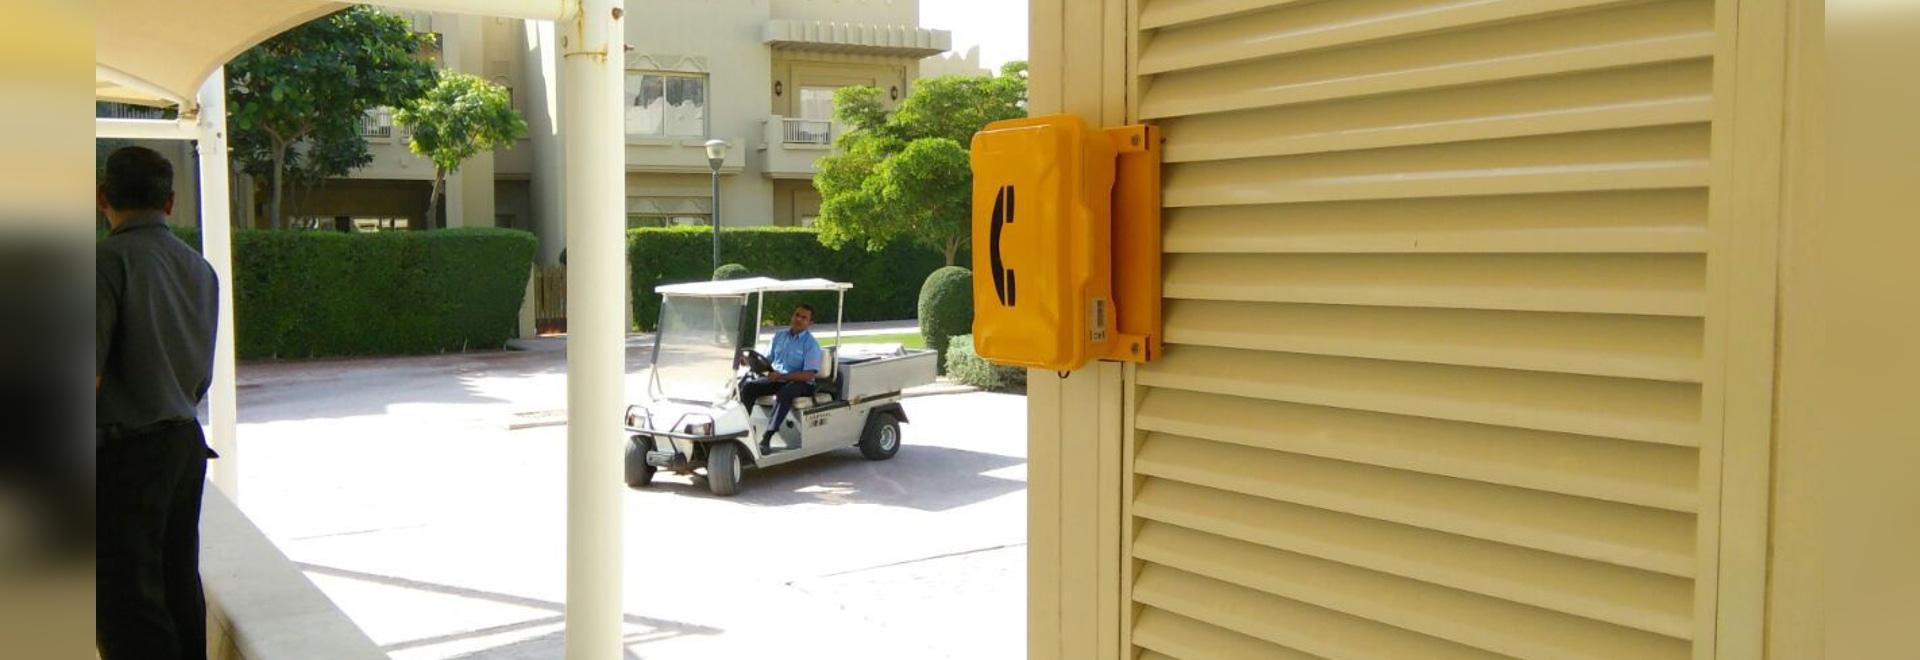 ¡Más fácil consiga la ayuda en el hotel de Marriott de Qatar cuando emergencia ahora!